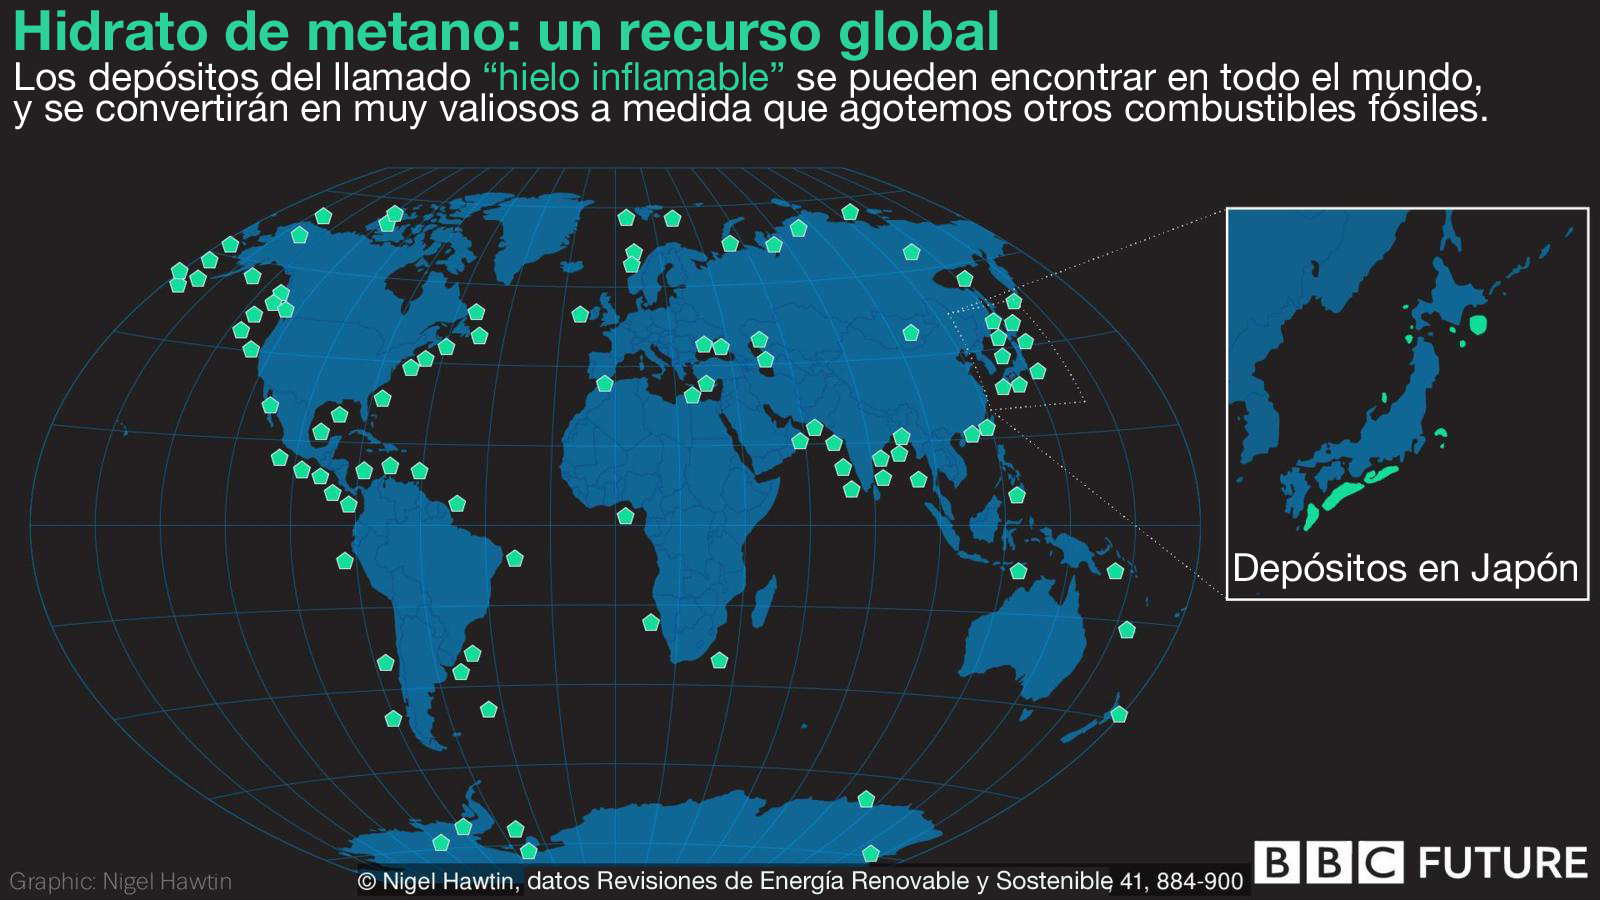 Visualización hidrato de metano en el mundo.